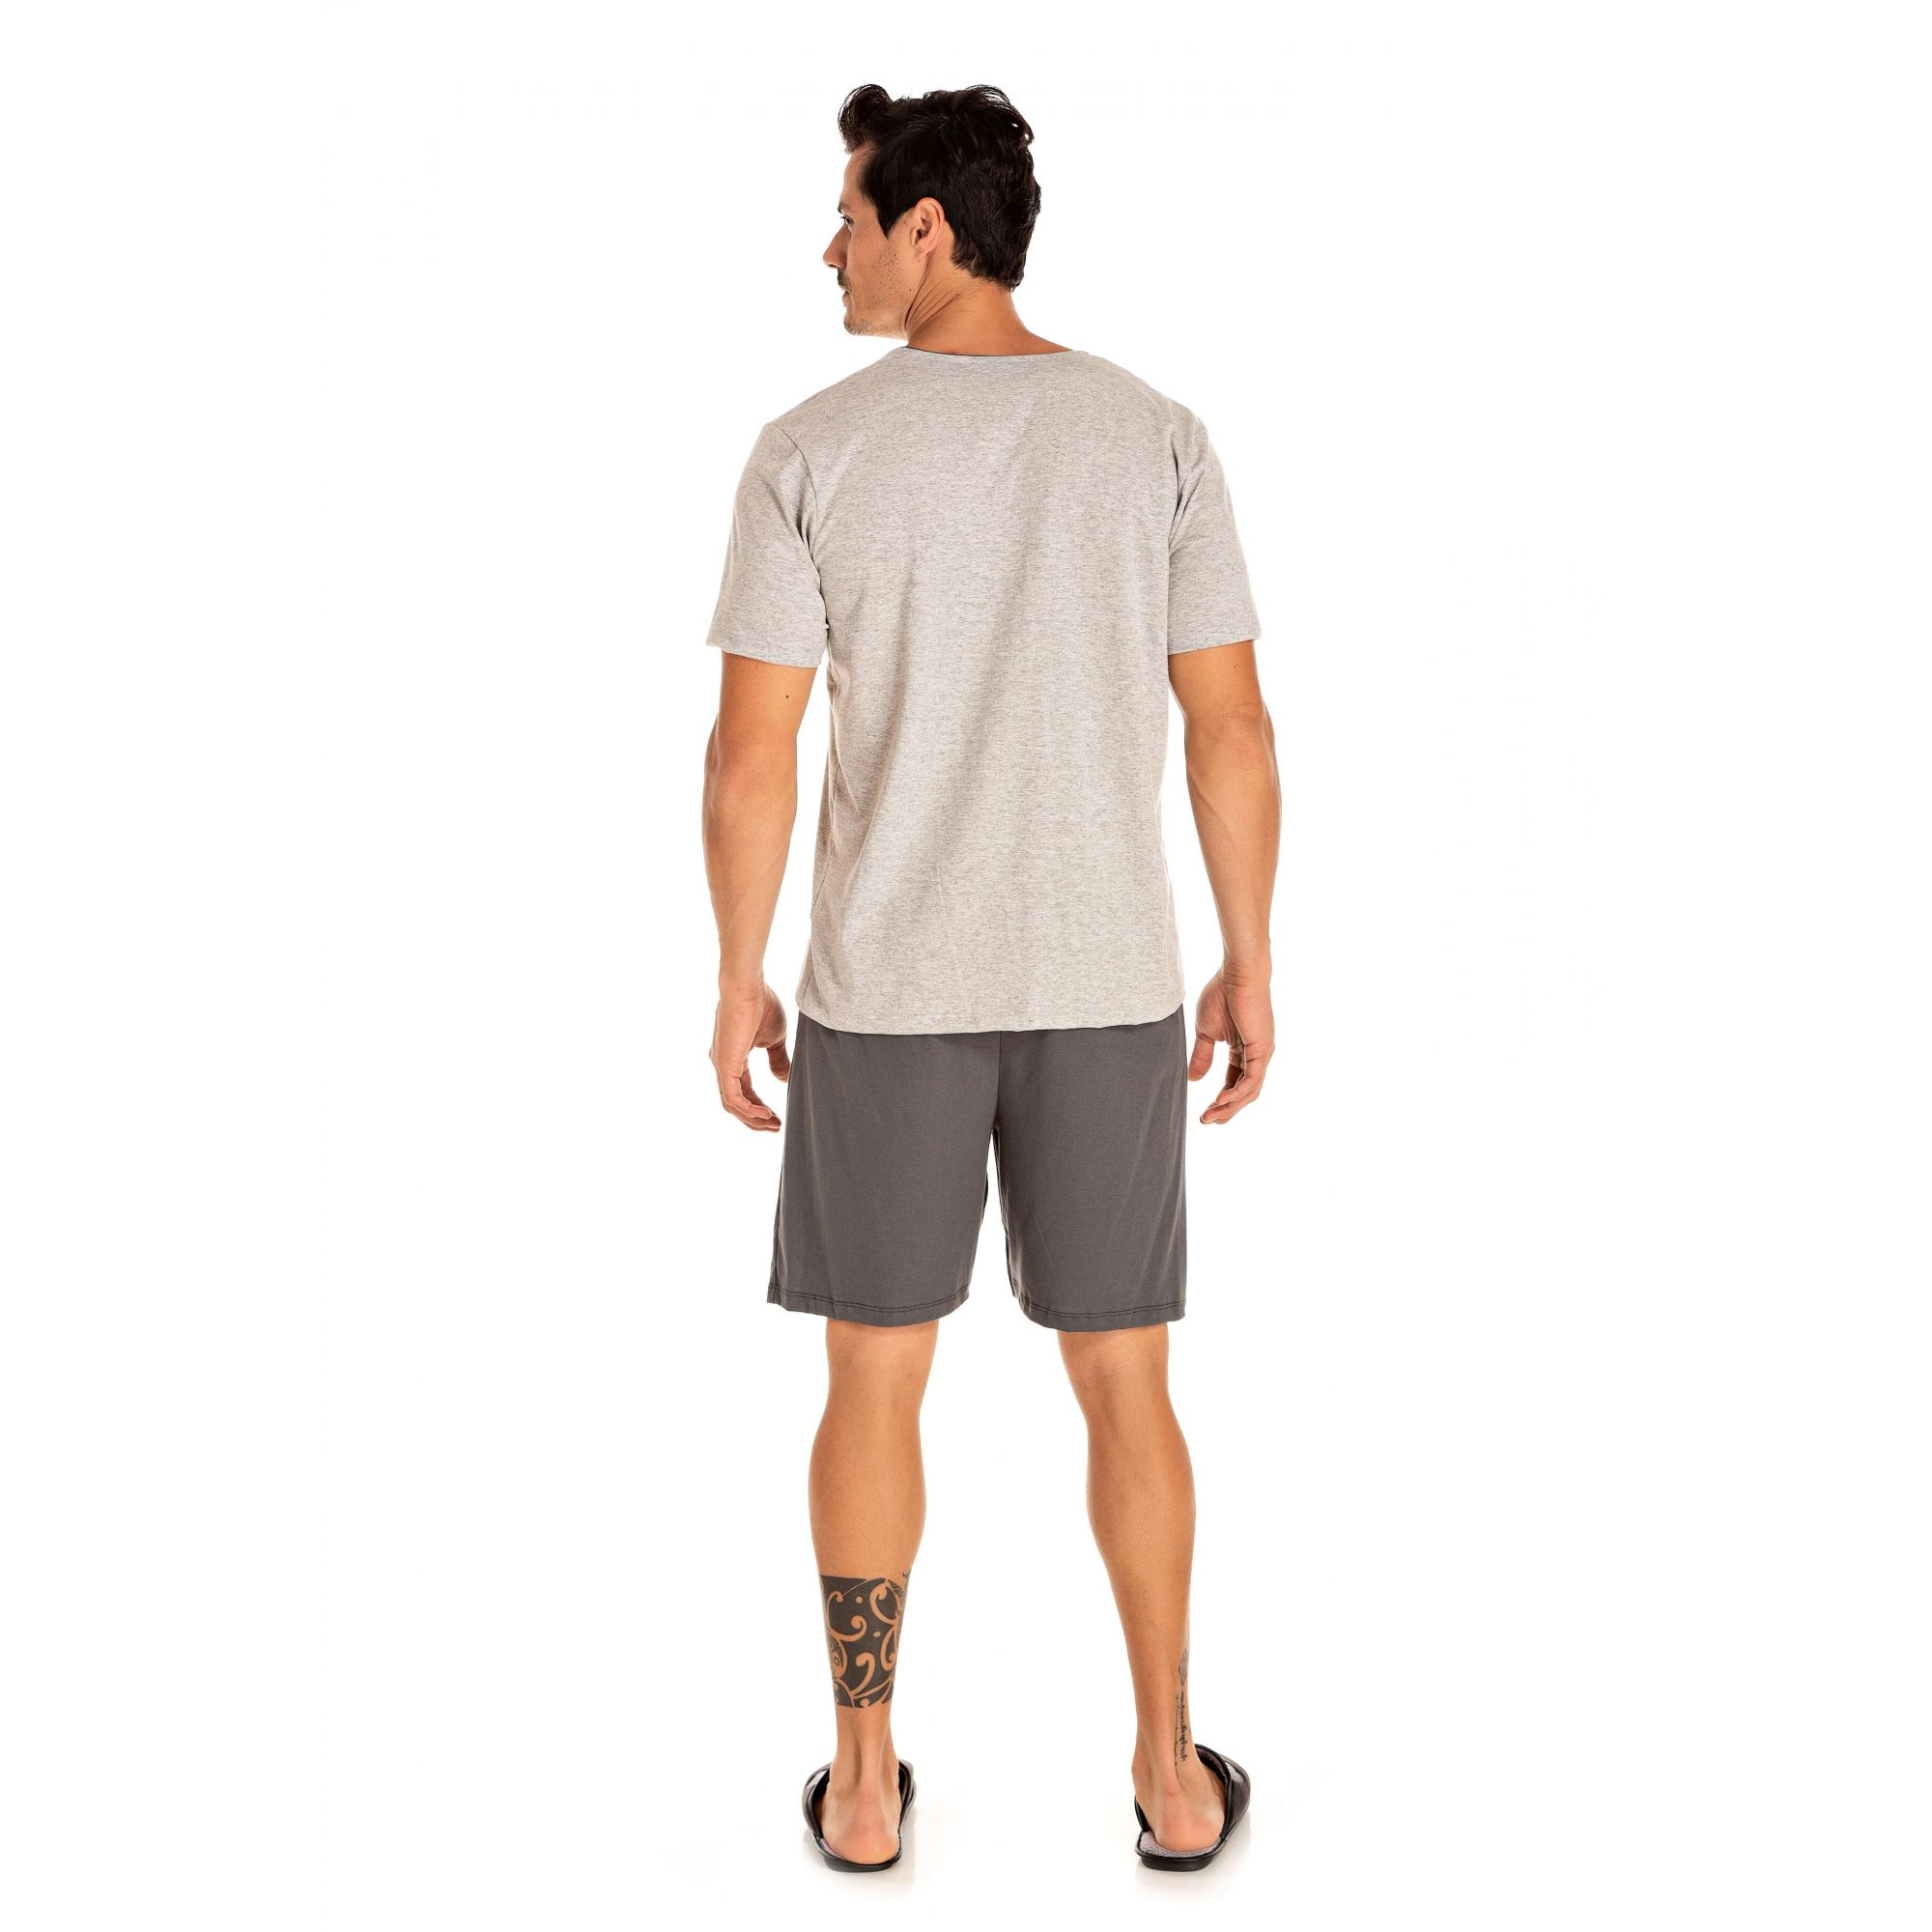 102/E - Pijama Masculino Adulto Curto Aberto